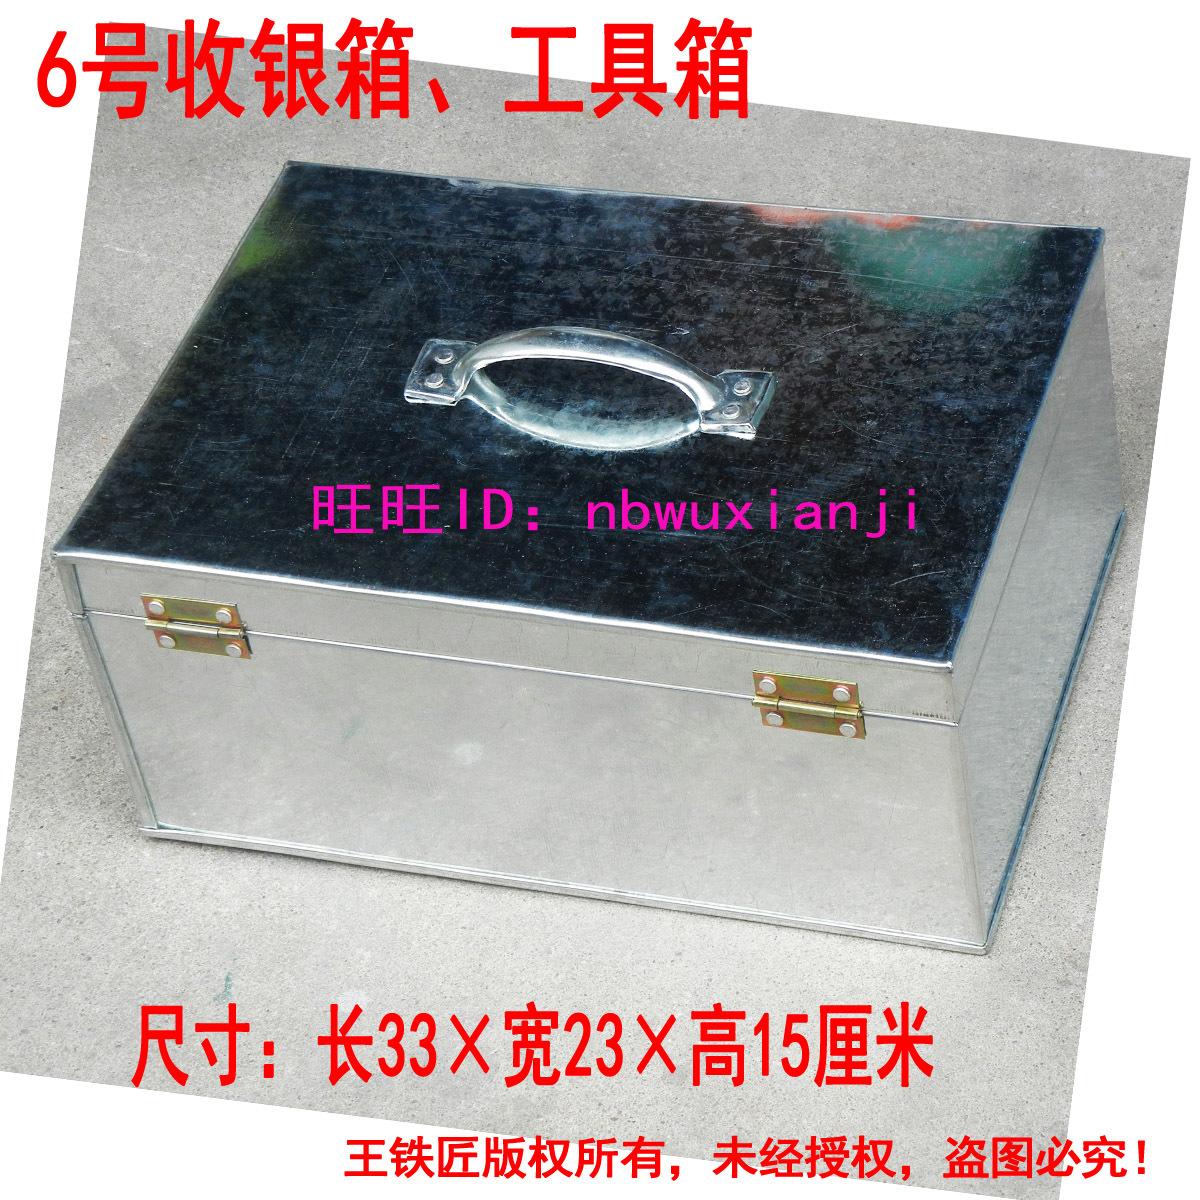 帶鎖的錢箱子擺攤商用工具白鐵皮盒子不銹鋼鐵箱子儲物收納收銀小